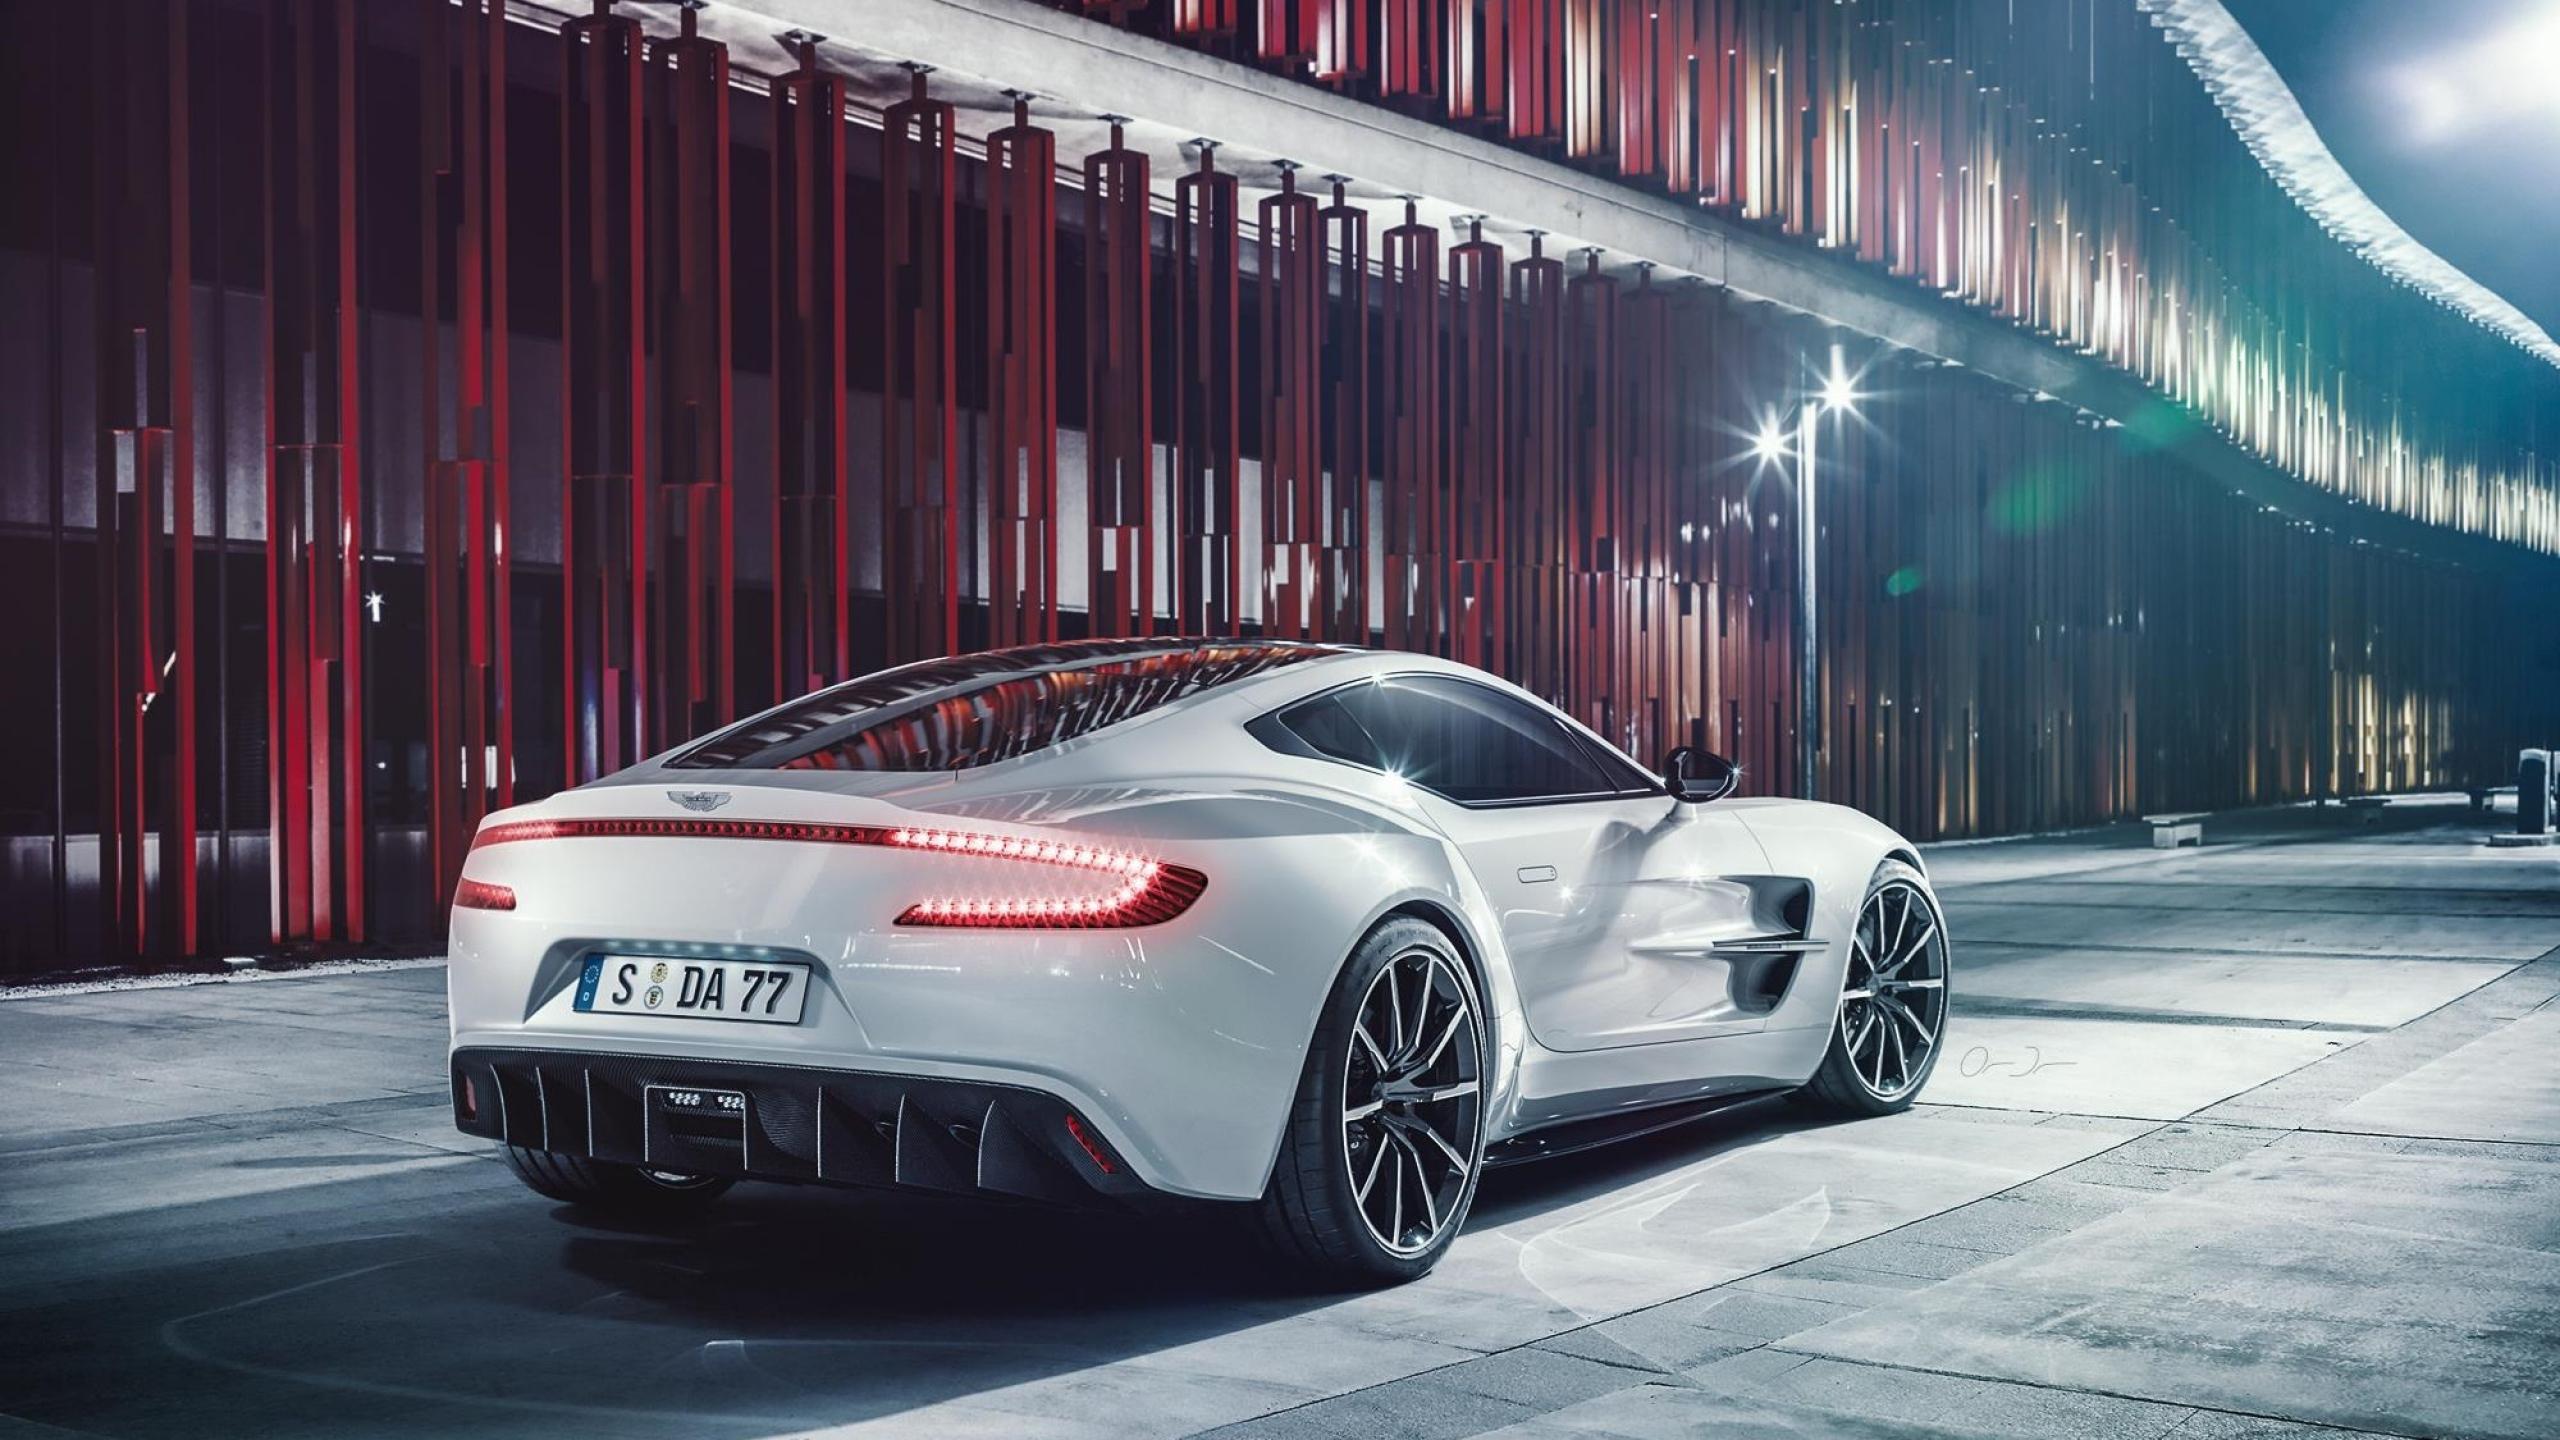 Aston Martin One 77 Widescreen